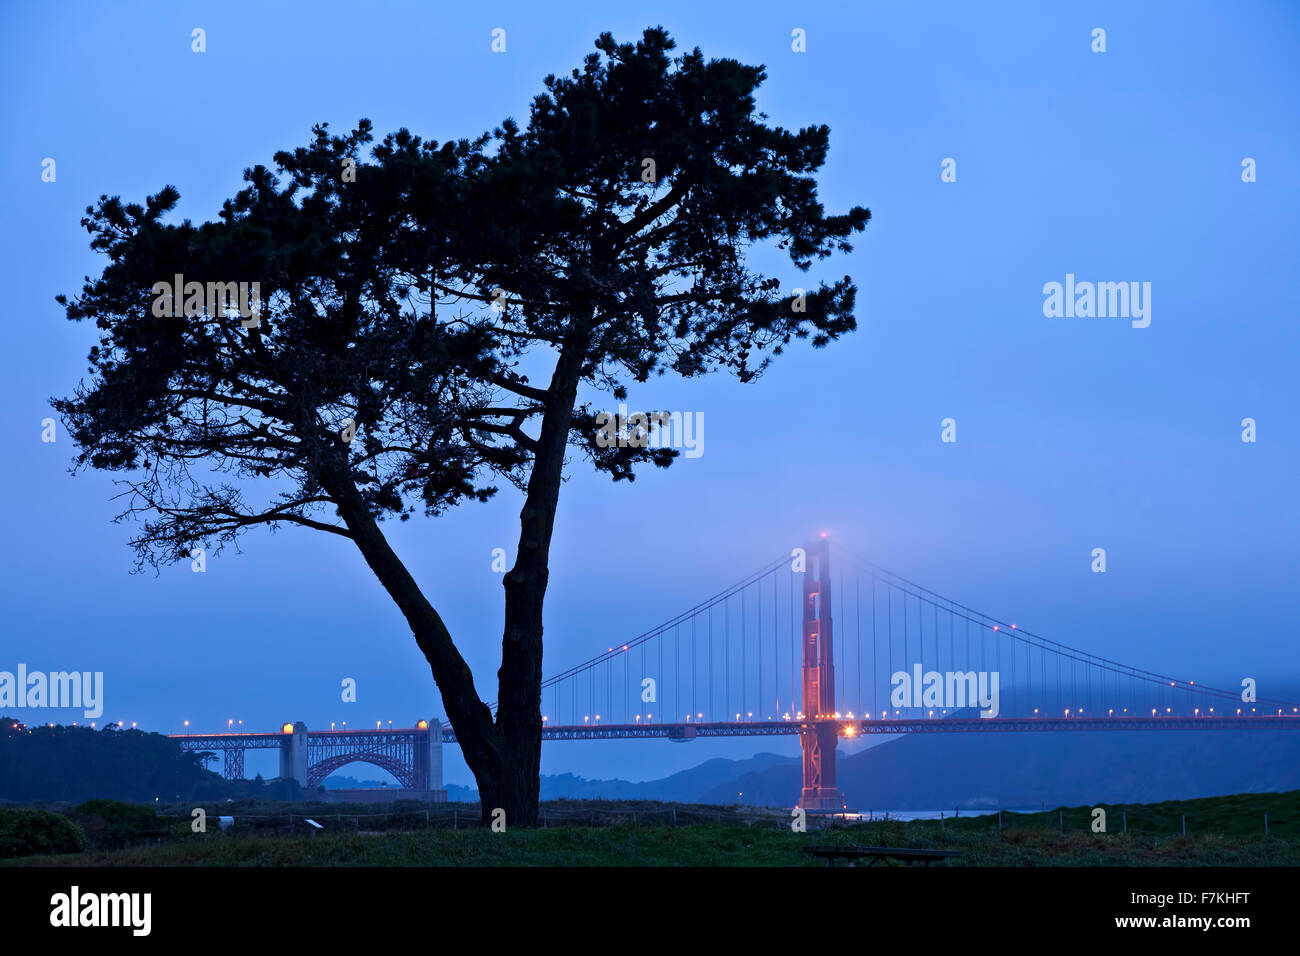 Árbol y el Puente Golden Gate en la niebla, San Francisco, California, EE.UU. Imagen De Stock